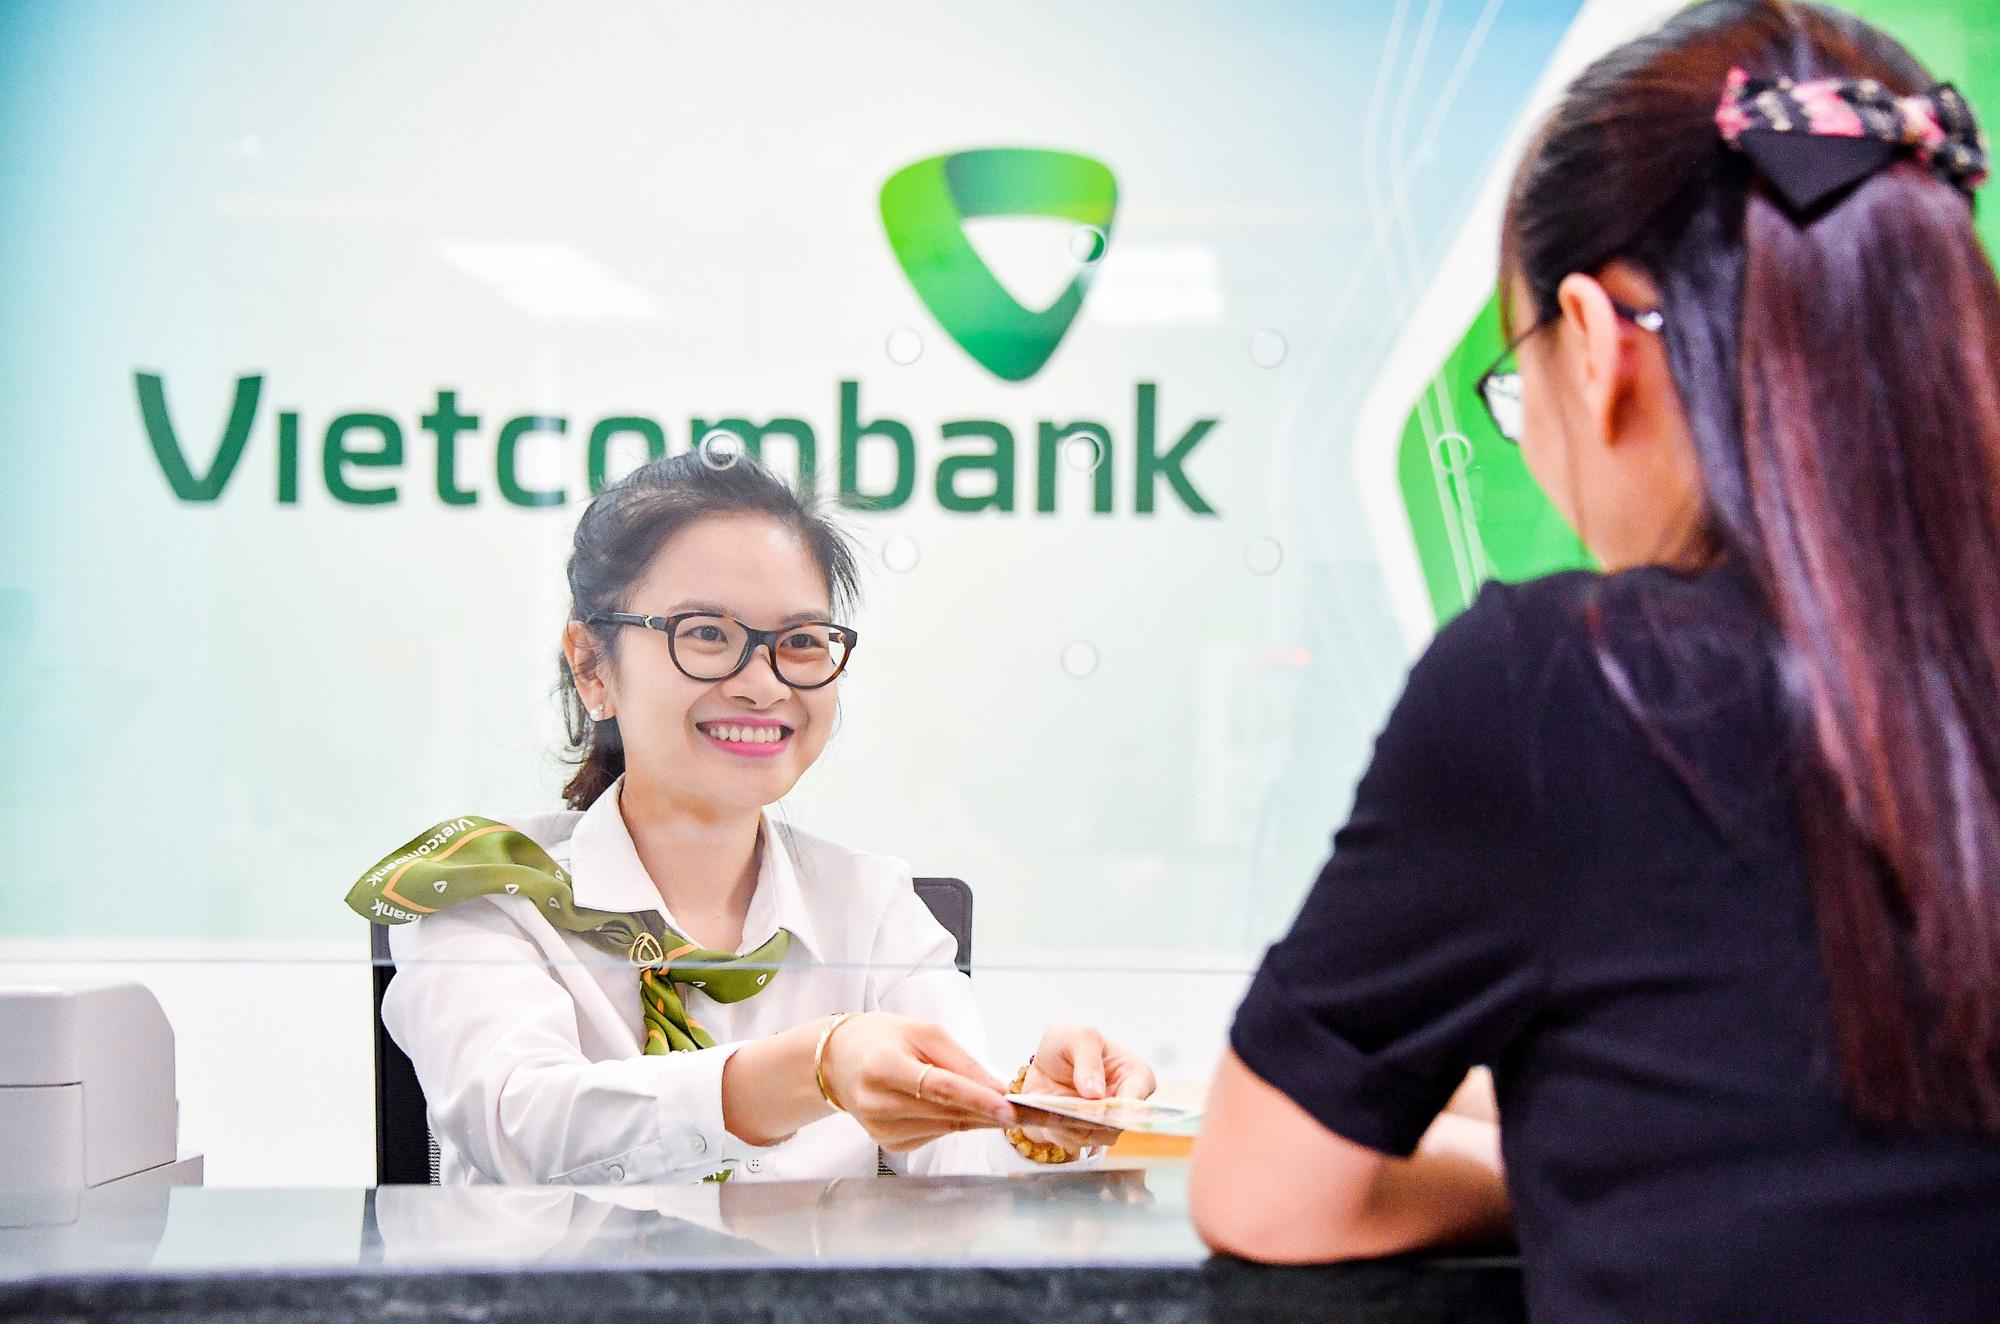 """Ông Nghiêm Xuân Thành nói gì về """"kho gạo"""" kỷ lục trong ngành ngân hàng của Vietcombank? - Ảnh 3."""